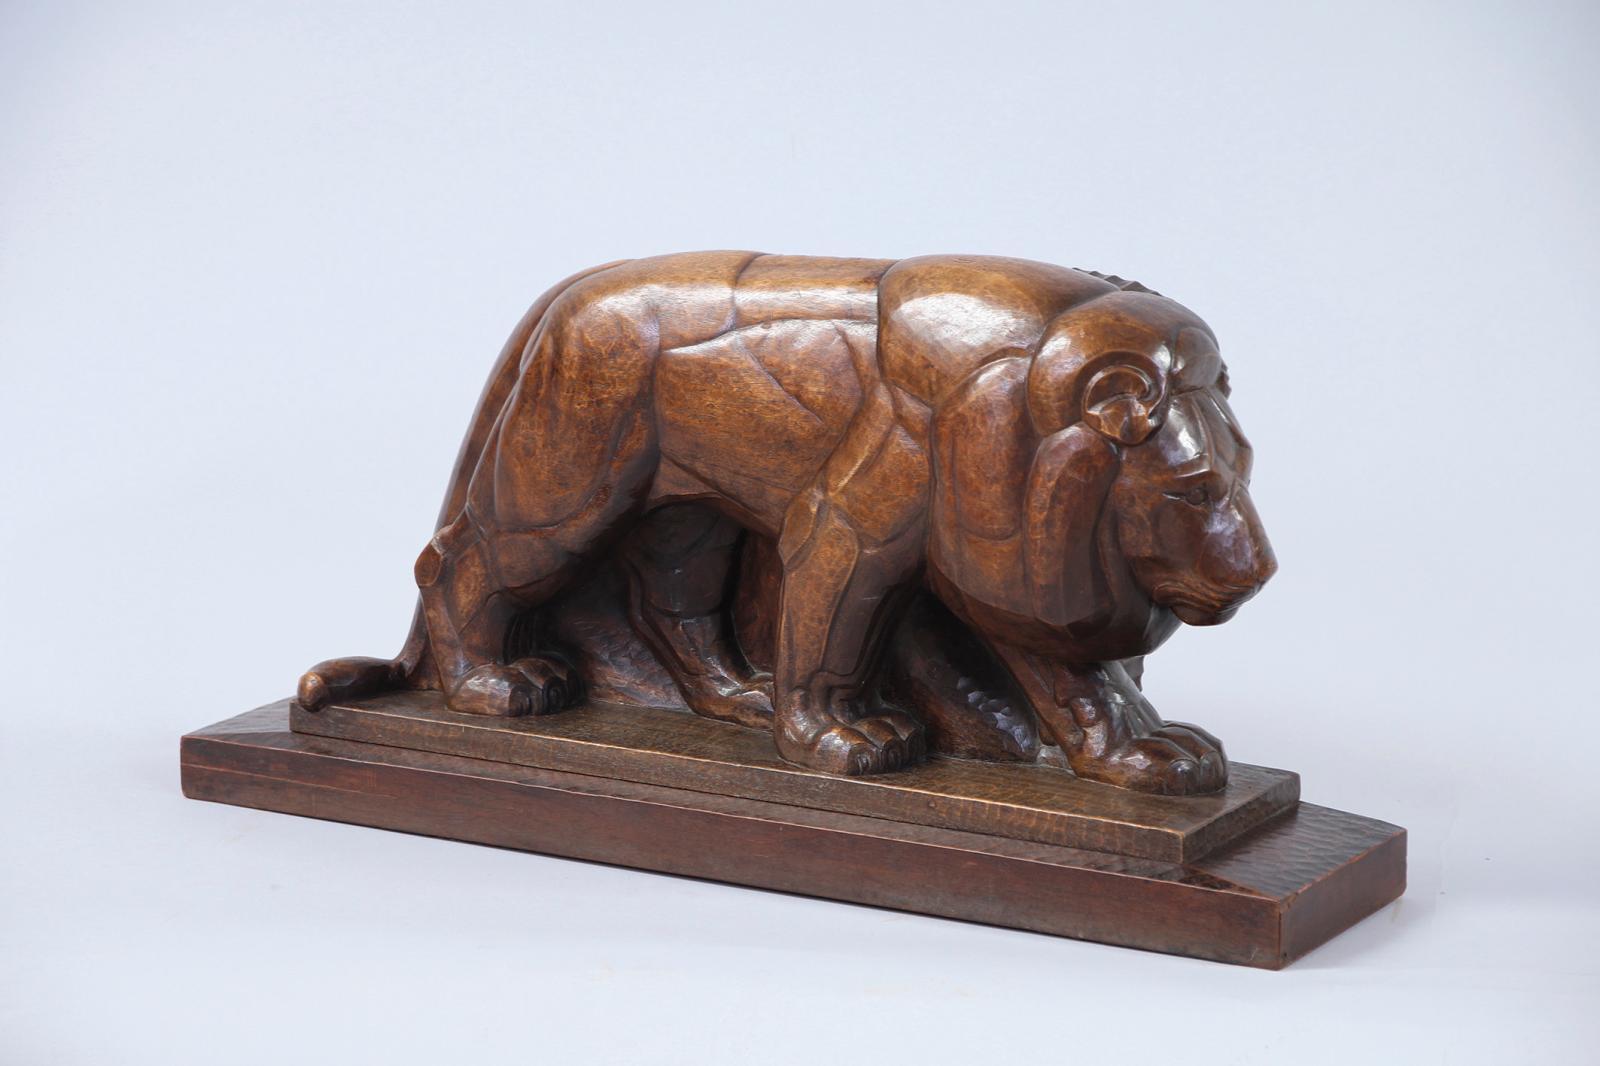 Estimé 65000/85000€, ce Lion en marche(38x76,5x18,5cm) a été réalisé vers 1920-1925 par Gaston Étienne LeBourgeois(1880-1956).